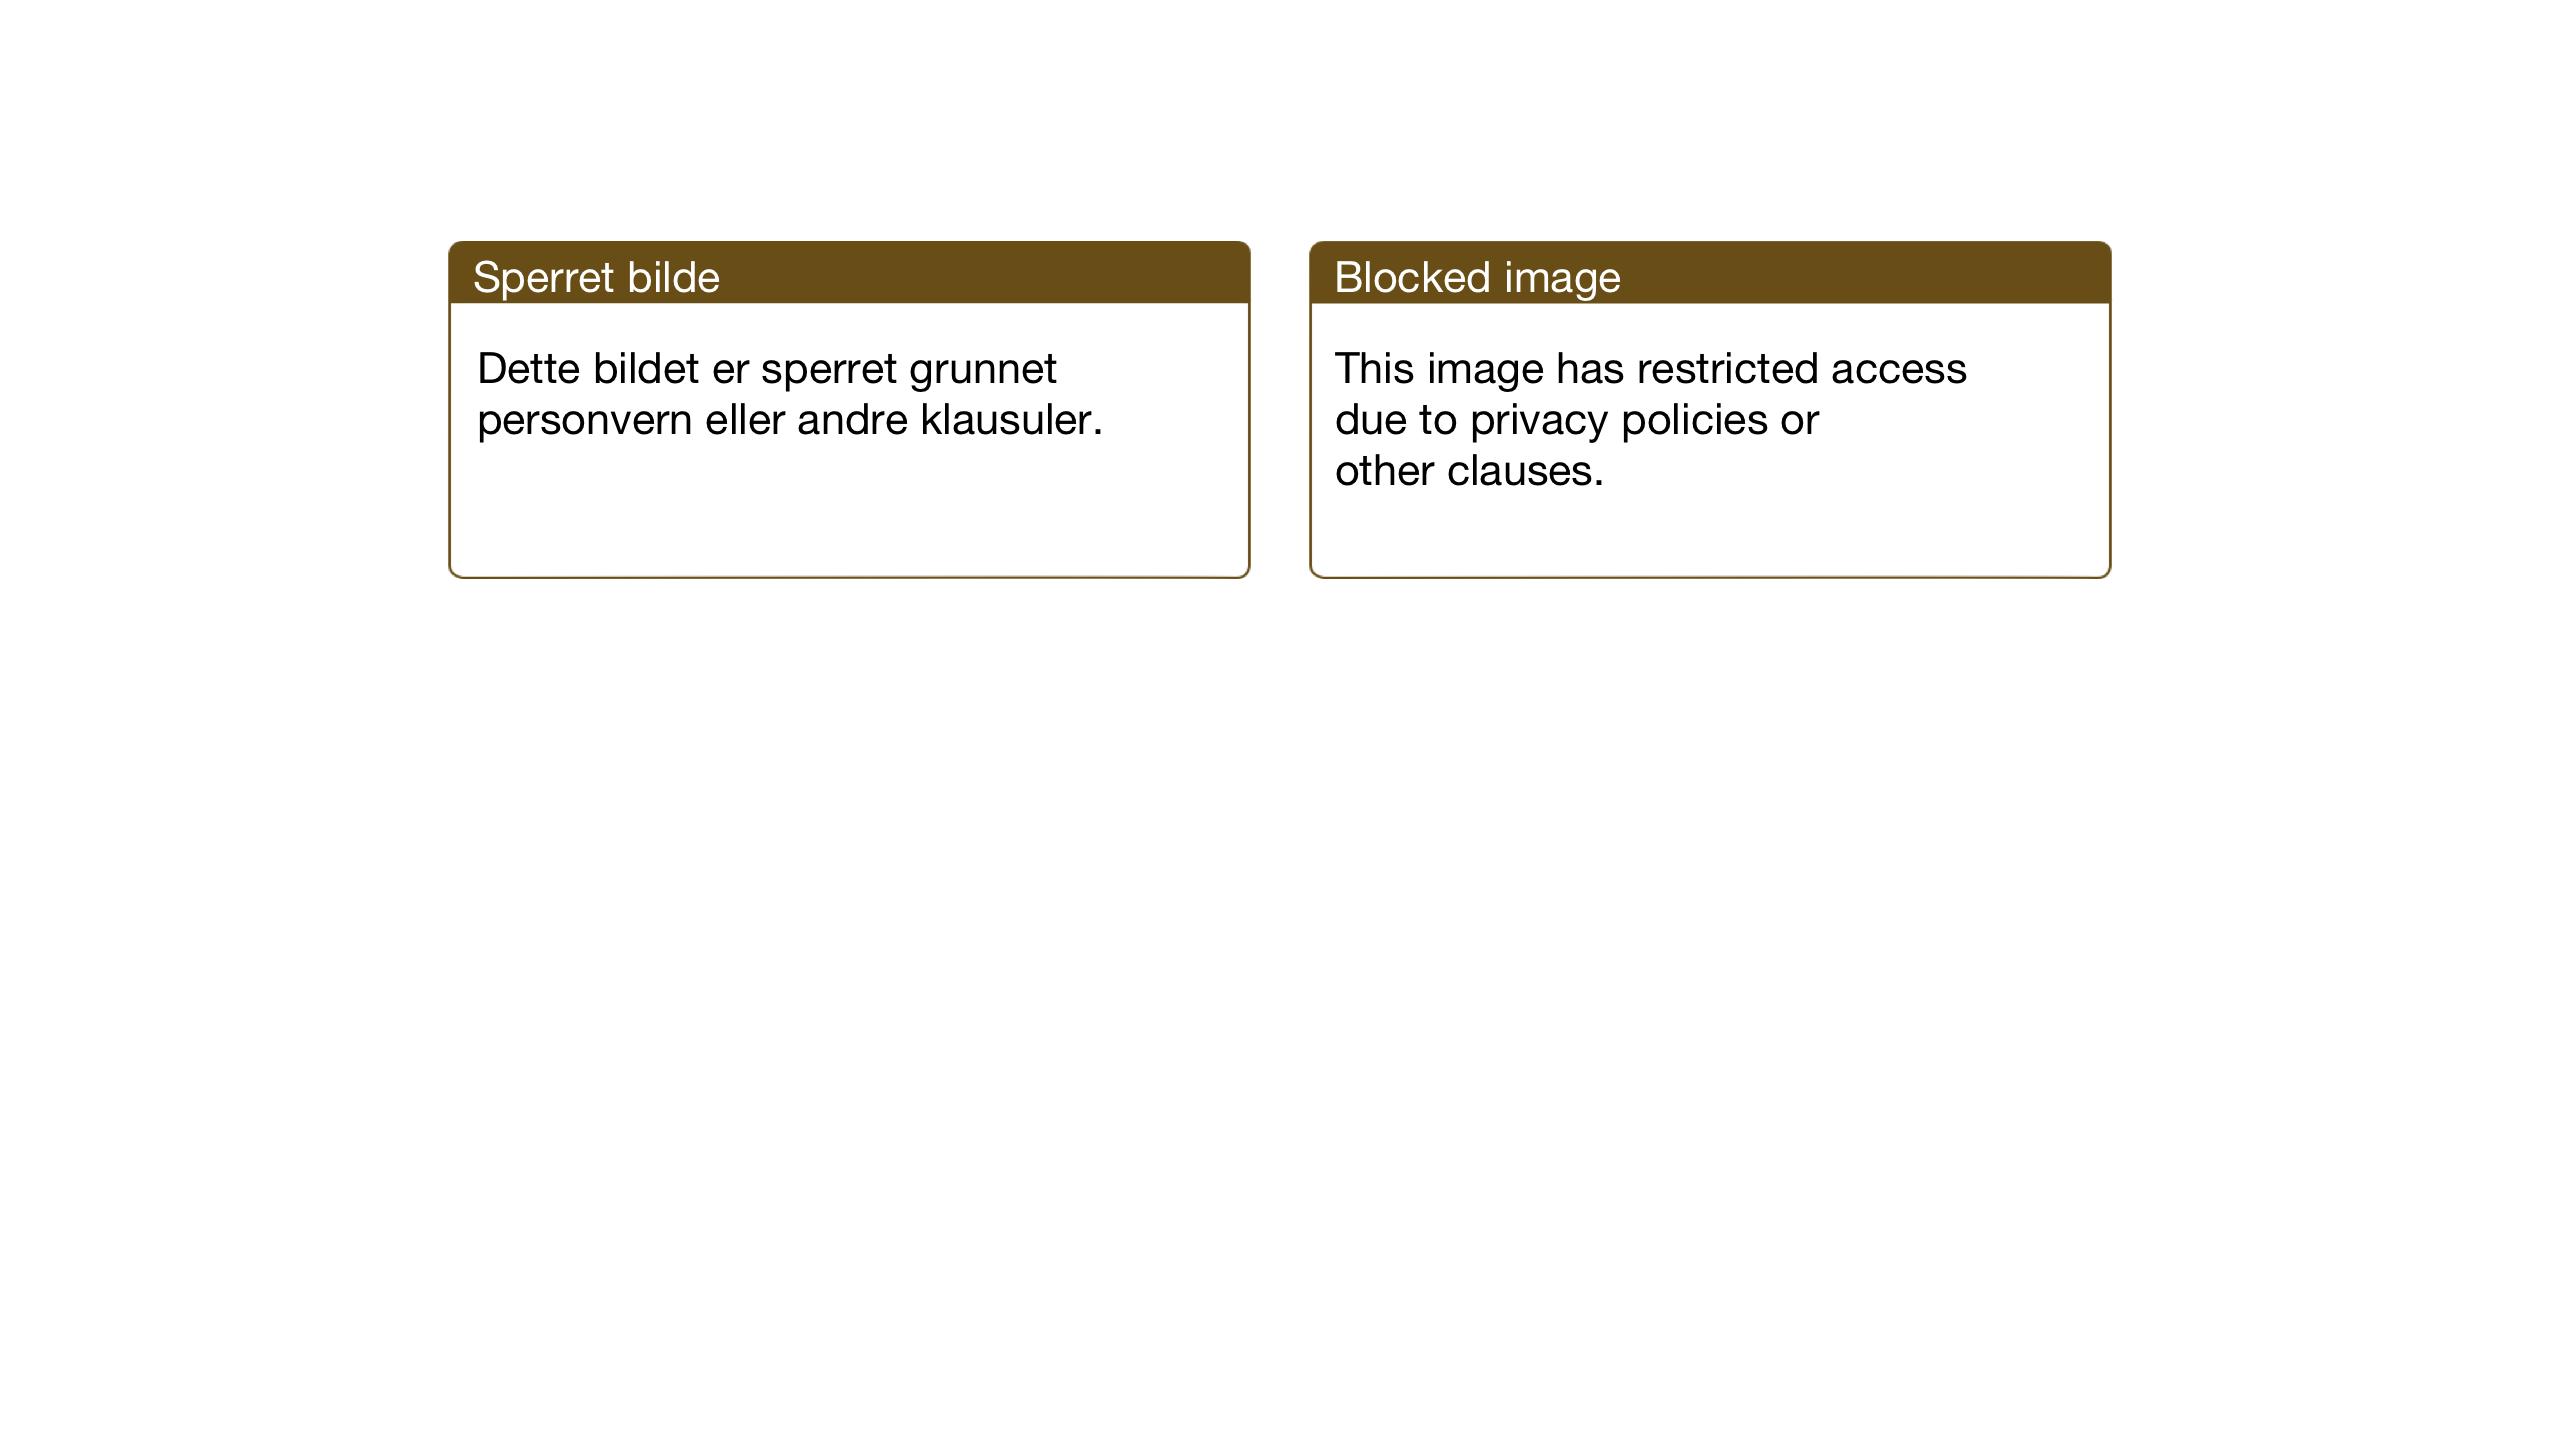 SAT, Ministerialprotokoller, klokkerbøker og fødselsregistre - Nord-Trøndelag, 774/L0631: Klokkerbok nr. 774C02, 1934-1950, s. 129